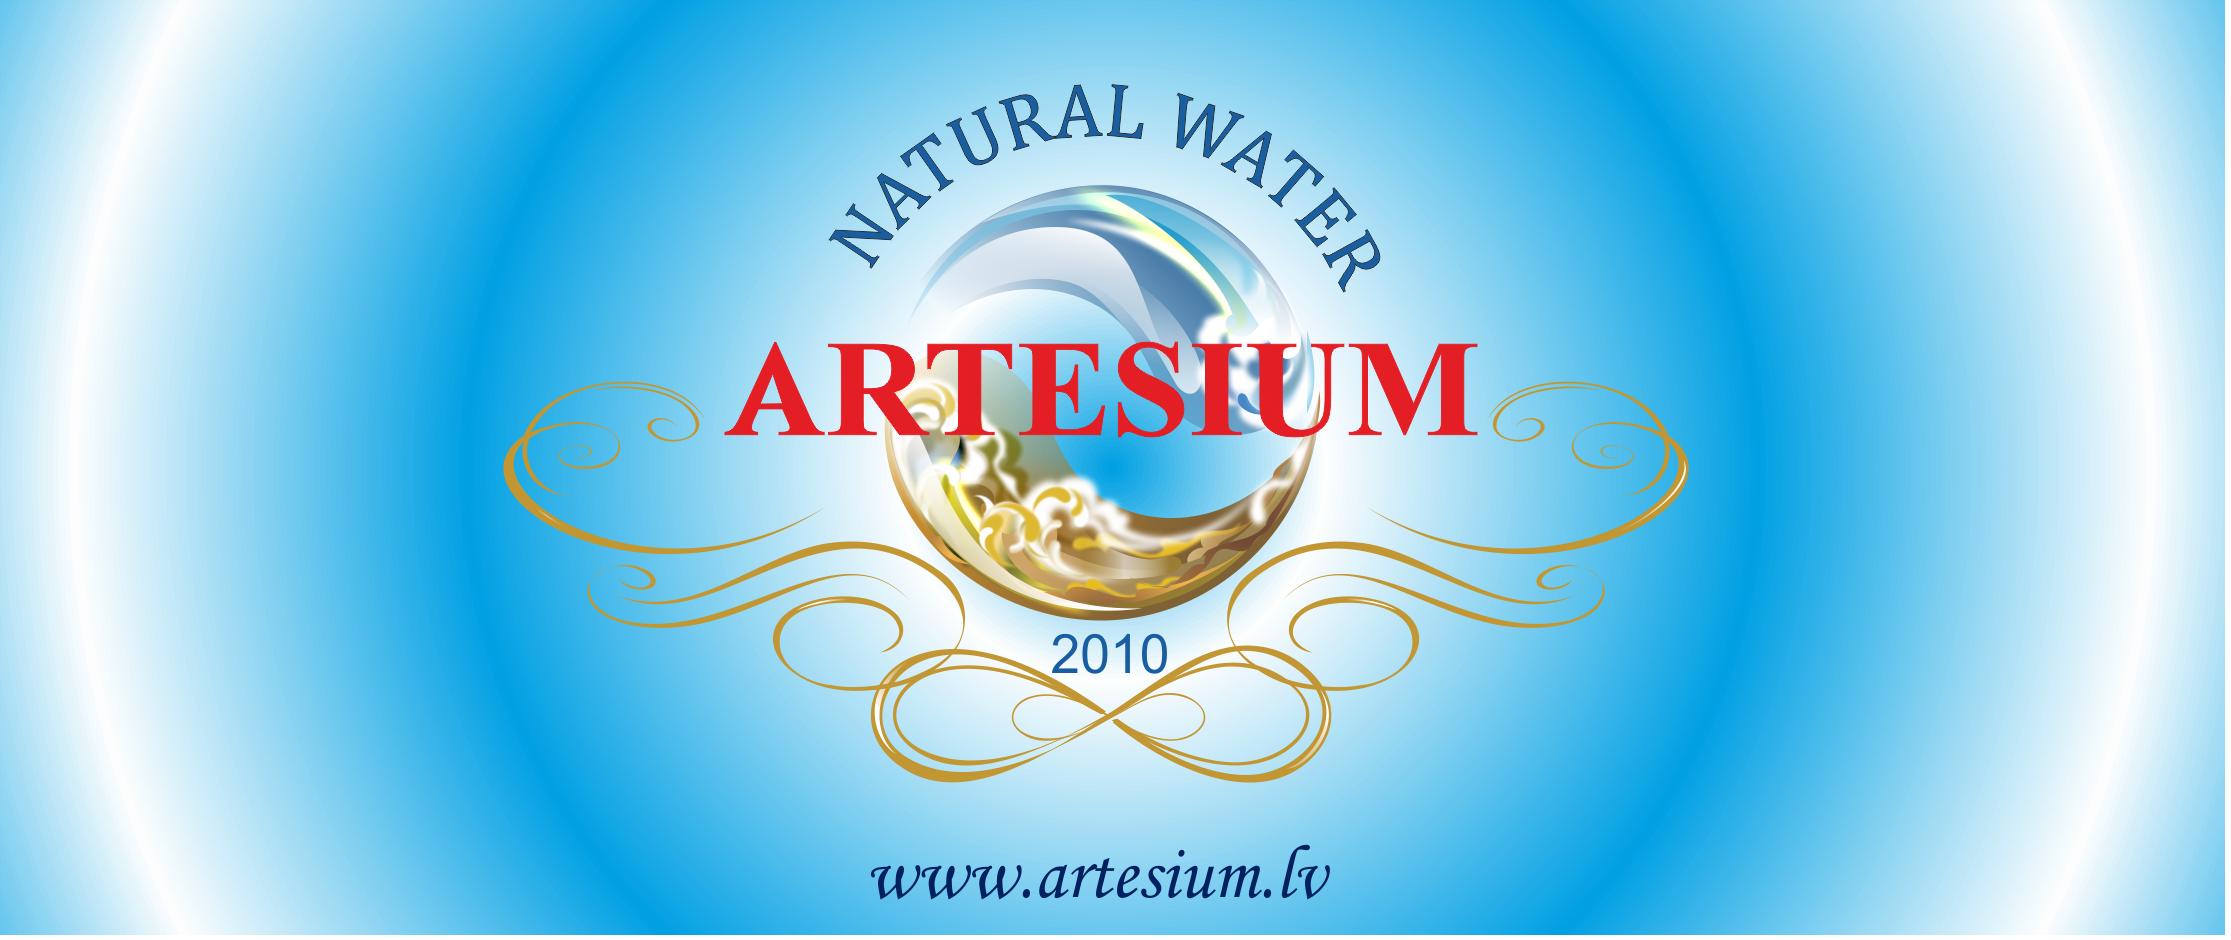 artesium.lv logo